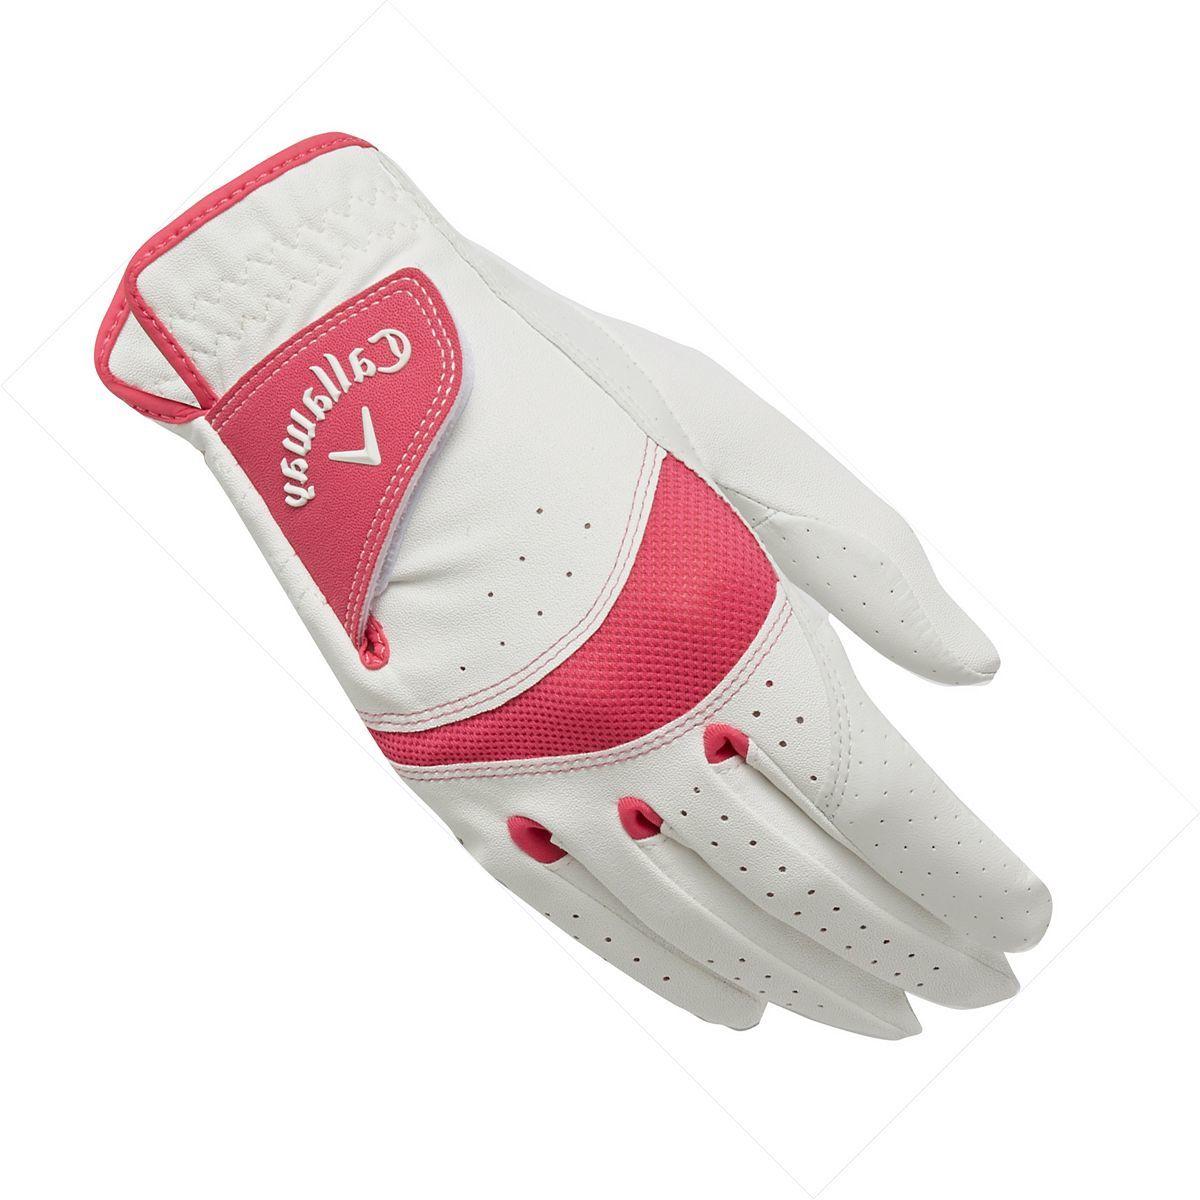 Callaway Women's 2019 X-Tech Golf Glove